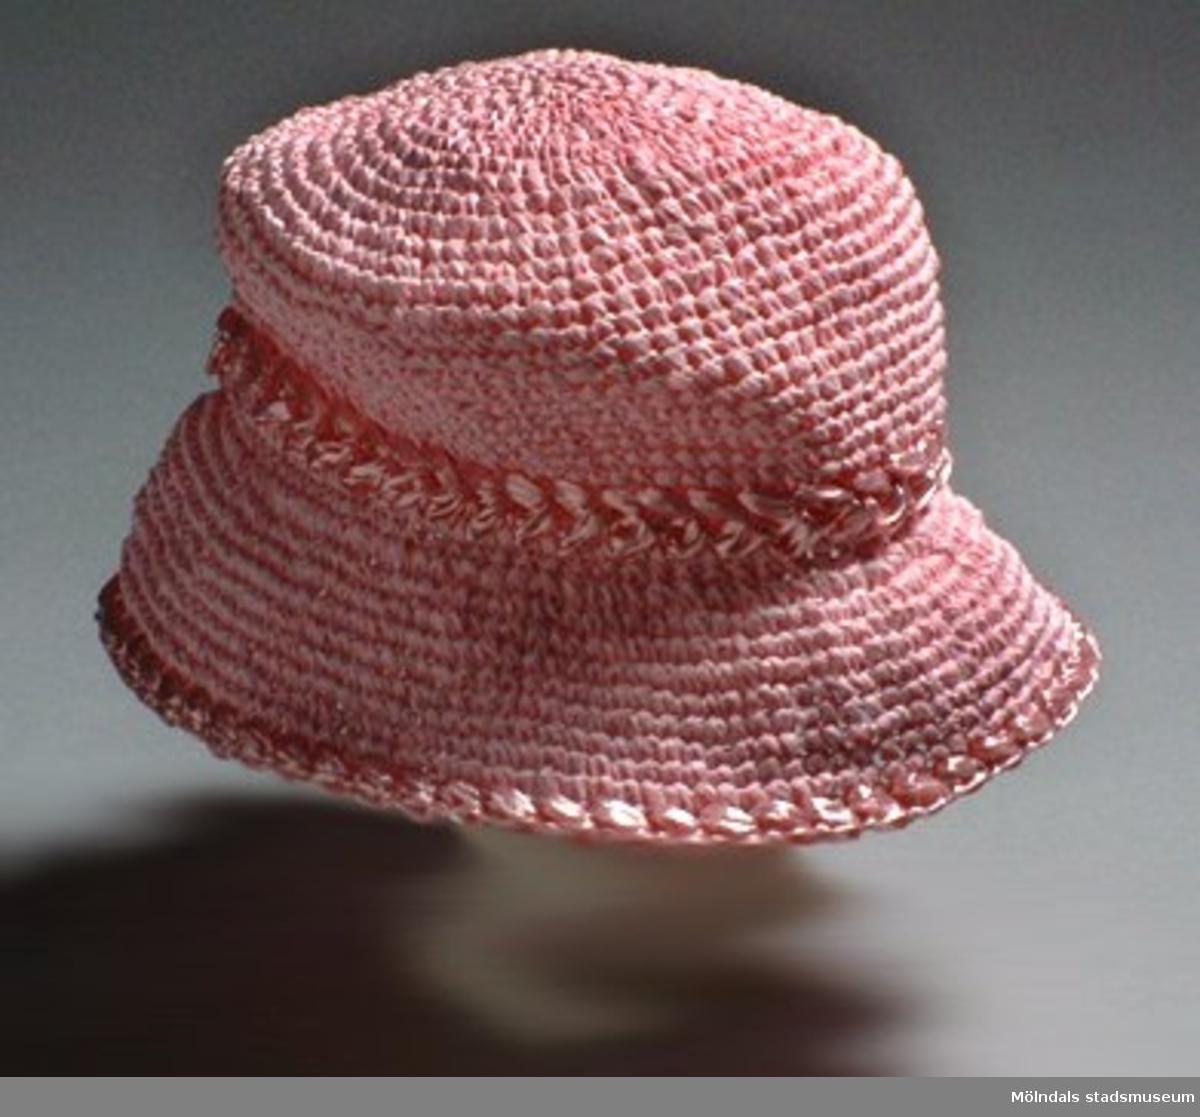 En rosa damhatt, ev. solhatt. Låg tillsammans med klädpåse (MM03434) med dateringen 14 oktober 1937.